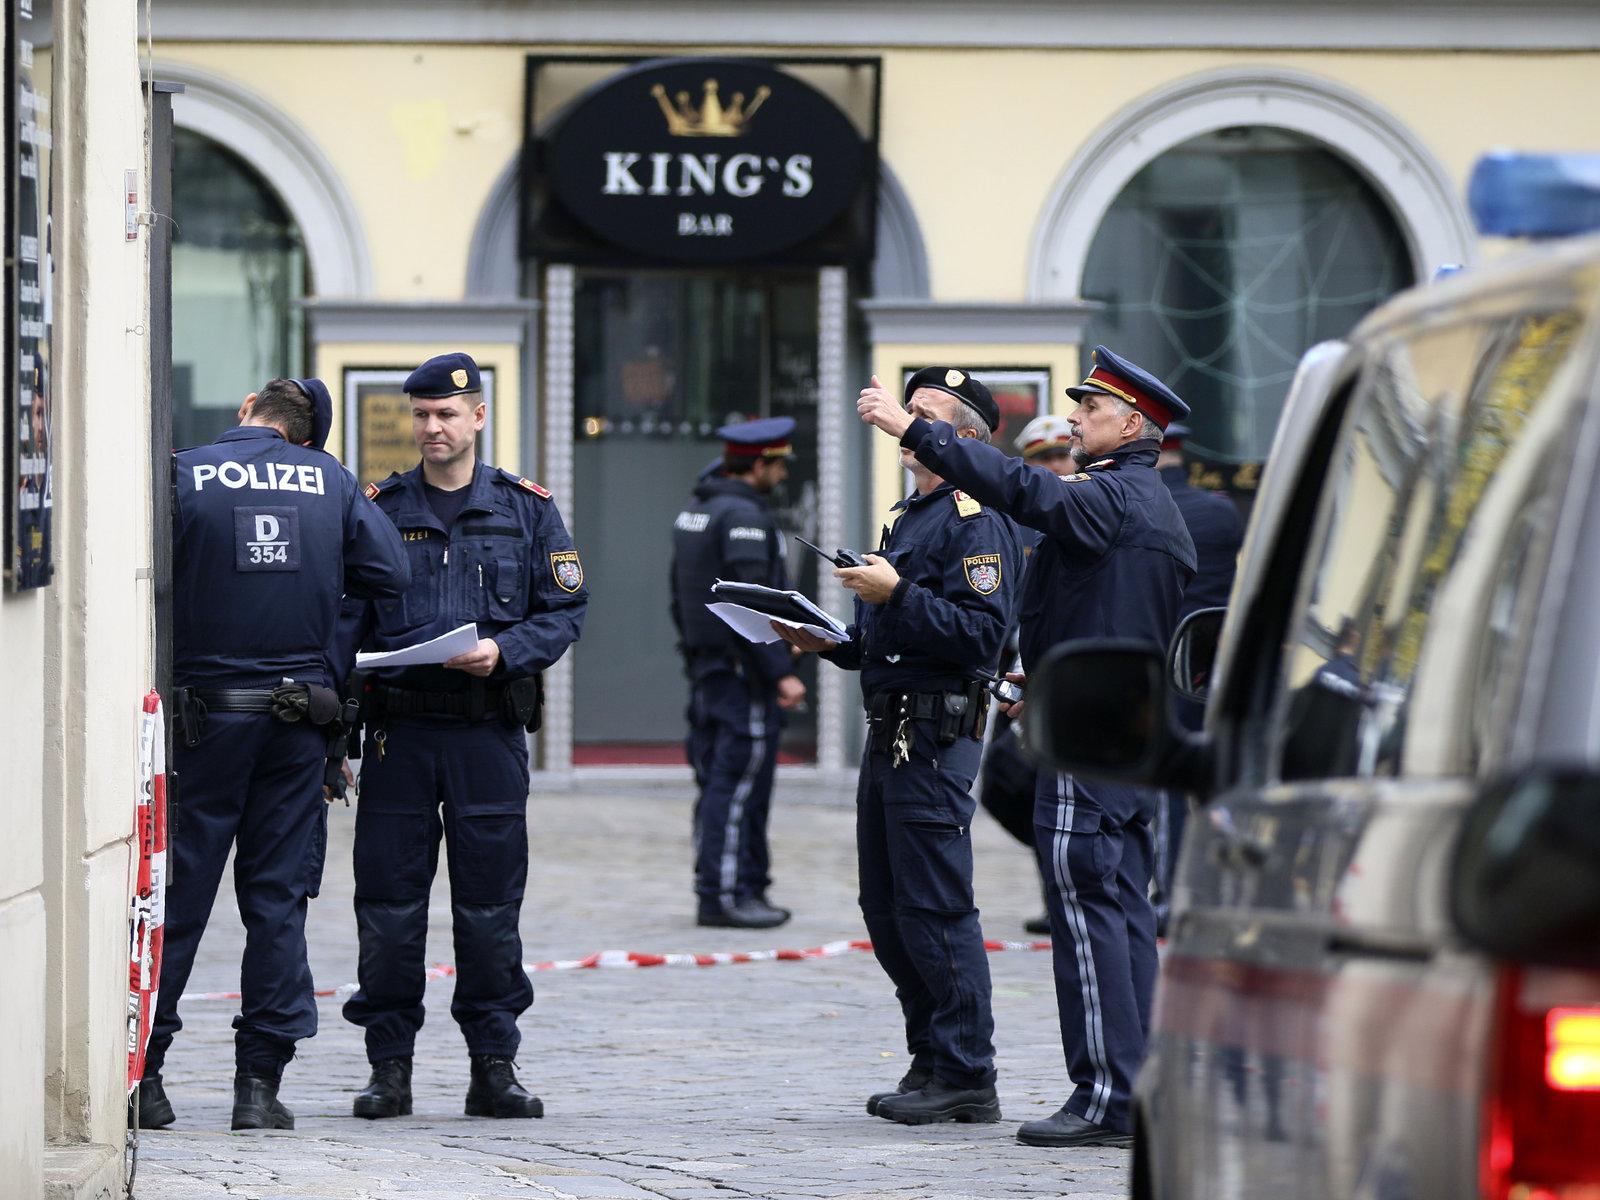 Khủng bố đẫm máu ở Áo: Tổ chức khủng bố IS nhận trách nhiệm - Ảnh 1